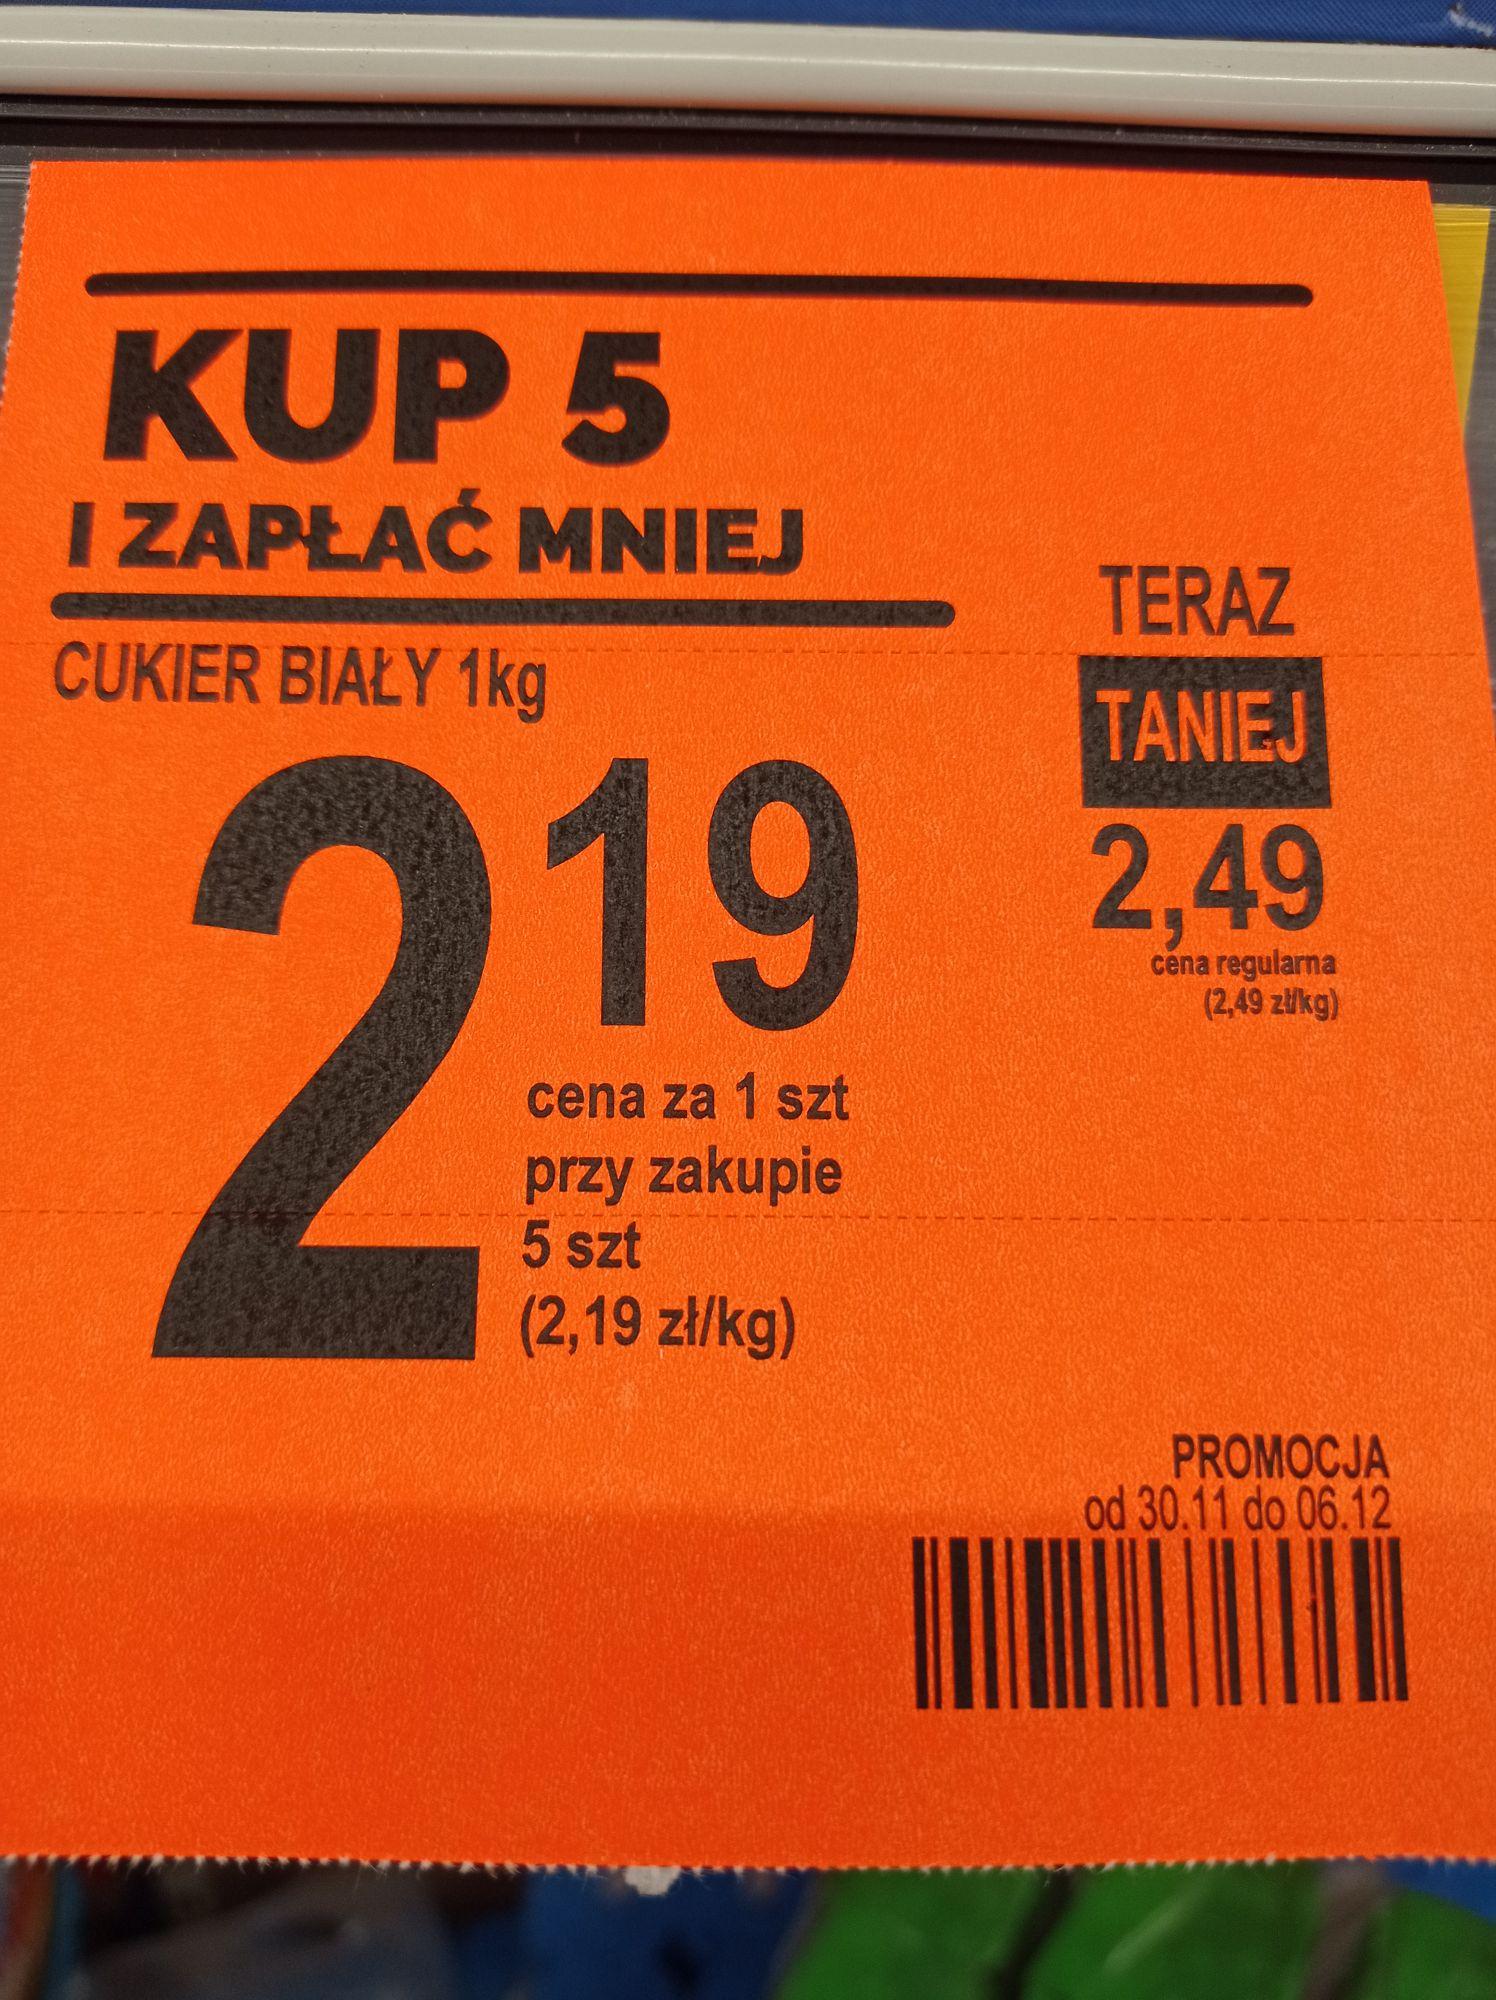 Cukier 2.19 przy zakupie 5szt Biedronka z kartą Moja Biedronka